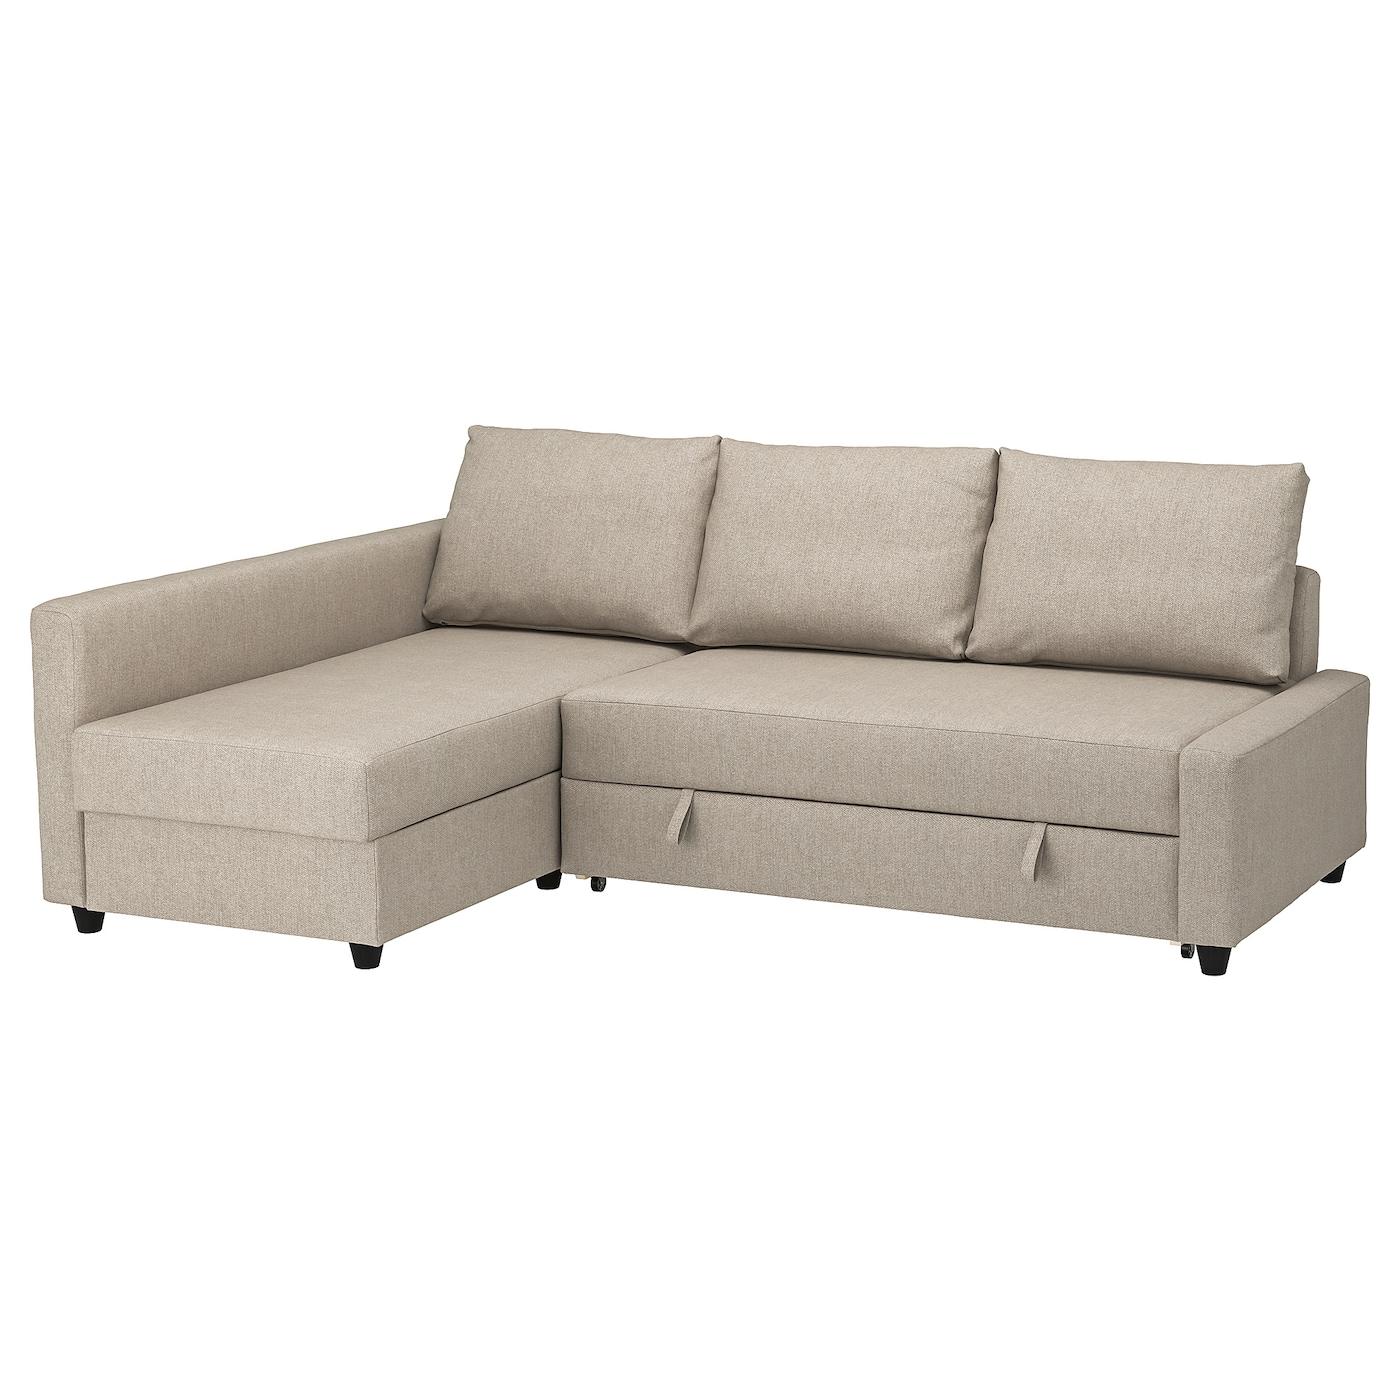 IKEA FRIHETEN corner sofa + arm chair